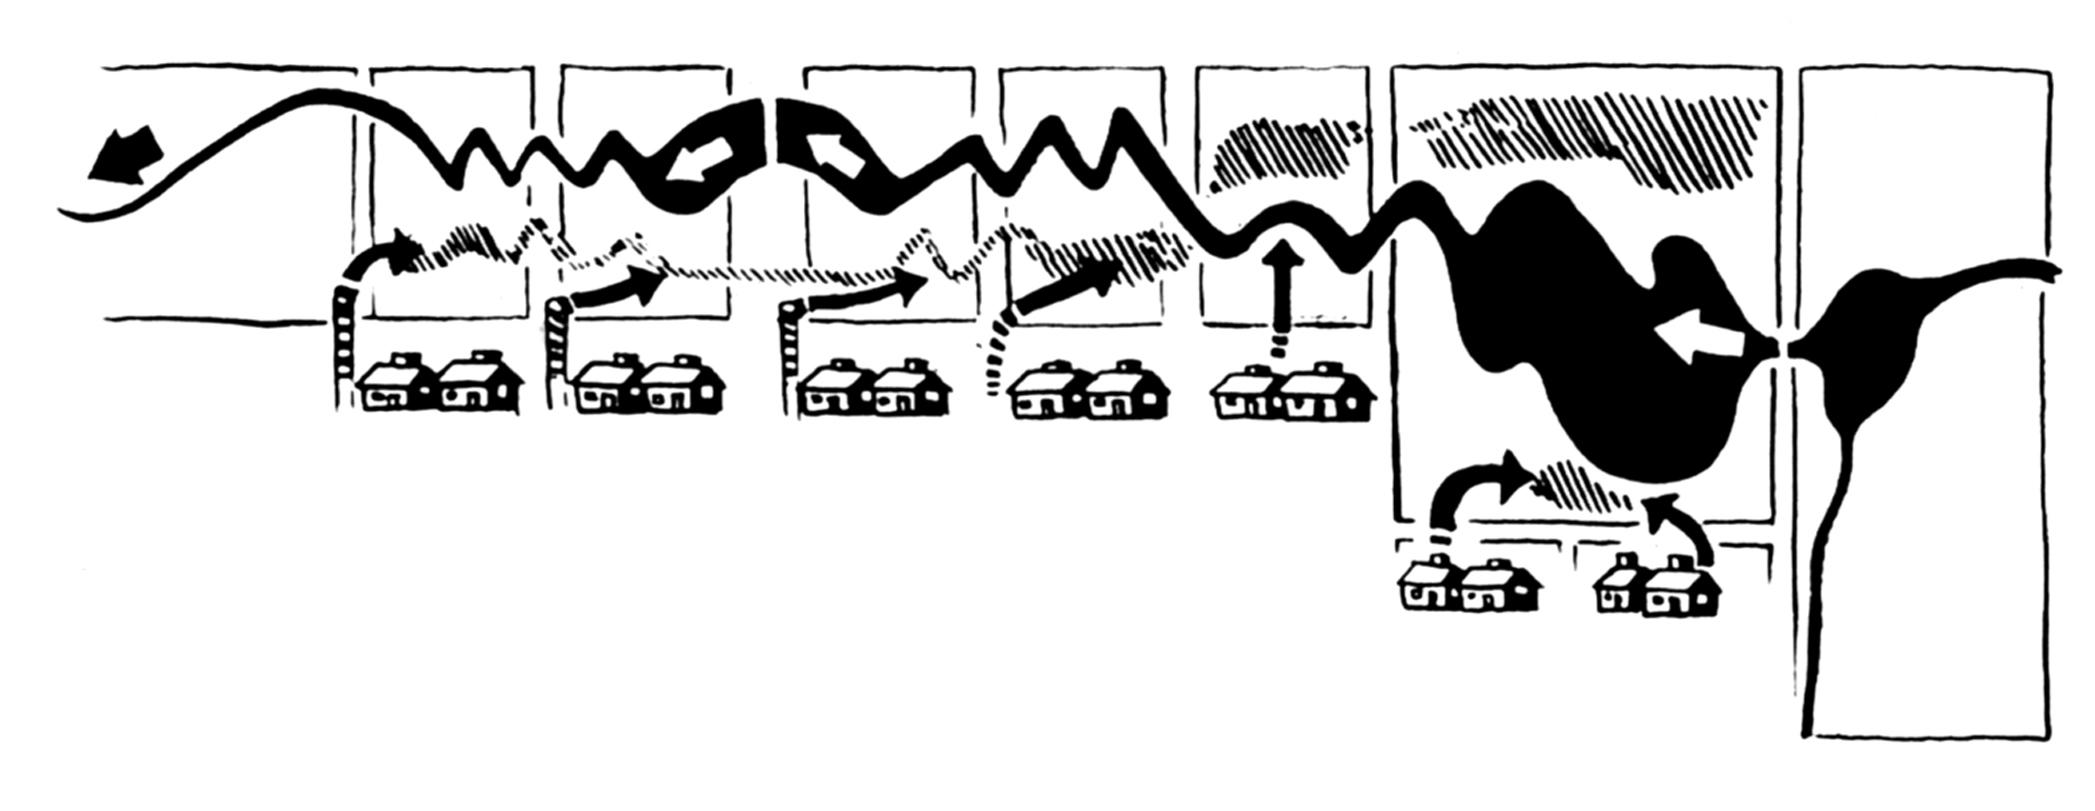 BA_prairiewaterway_diagram waterflow.jpg